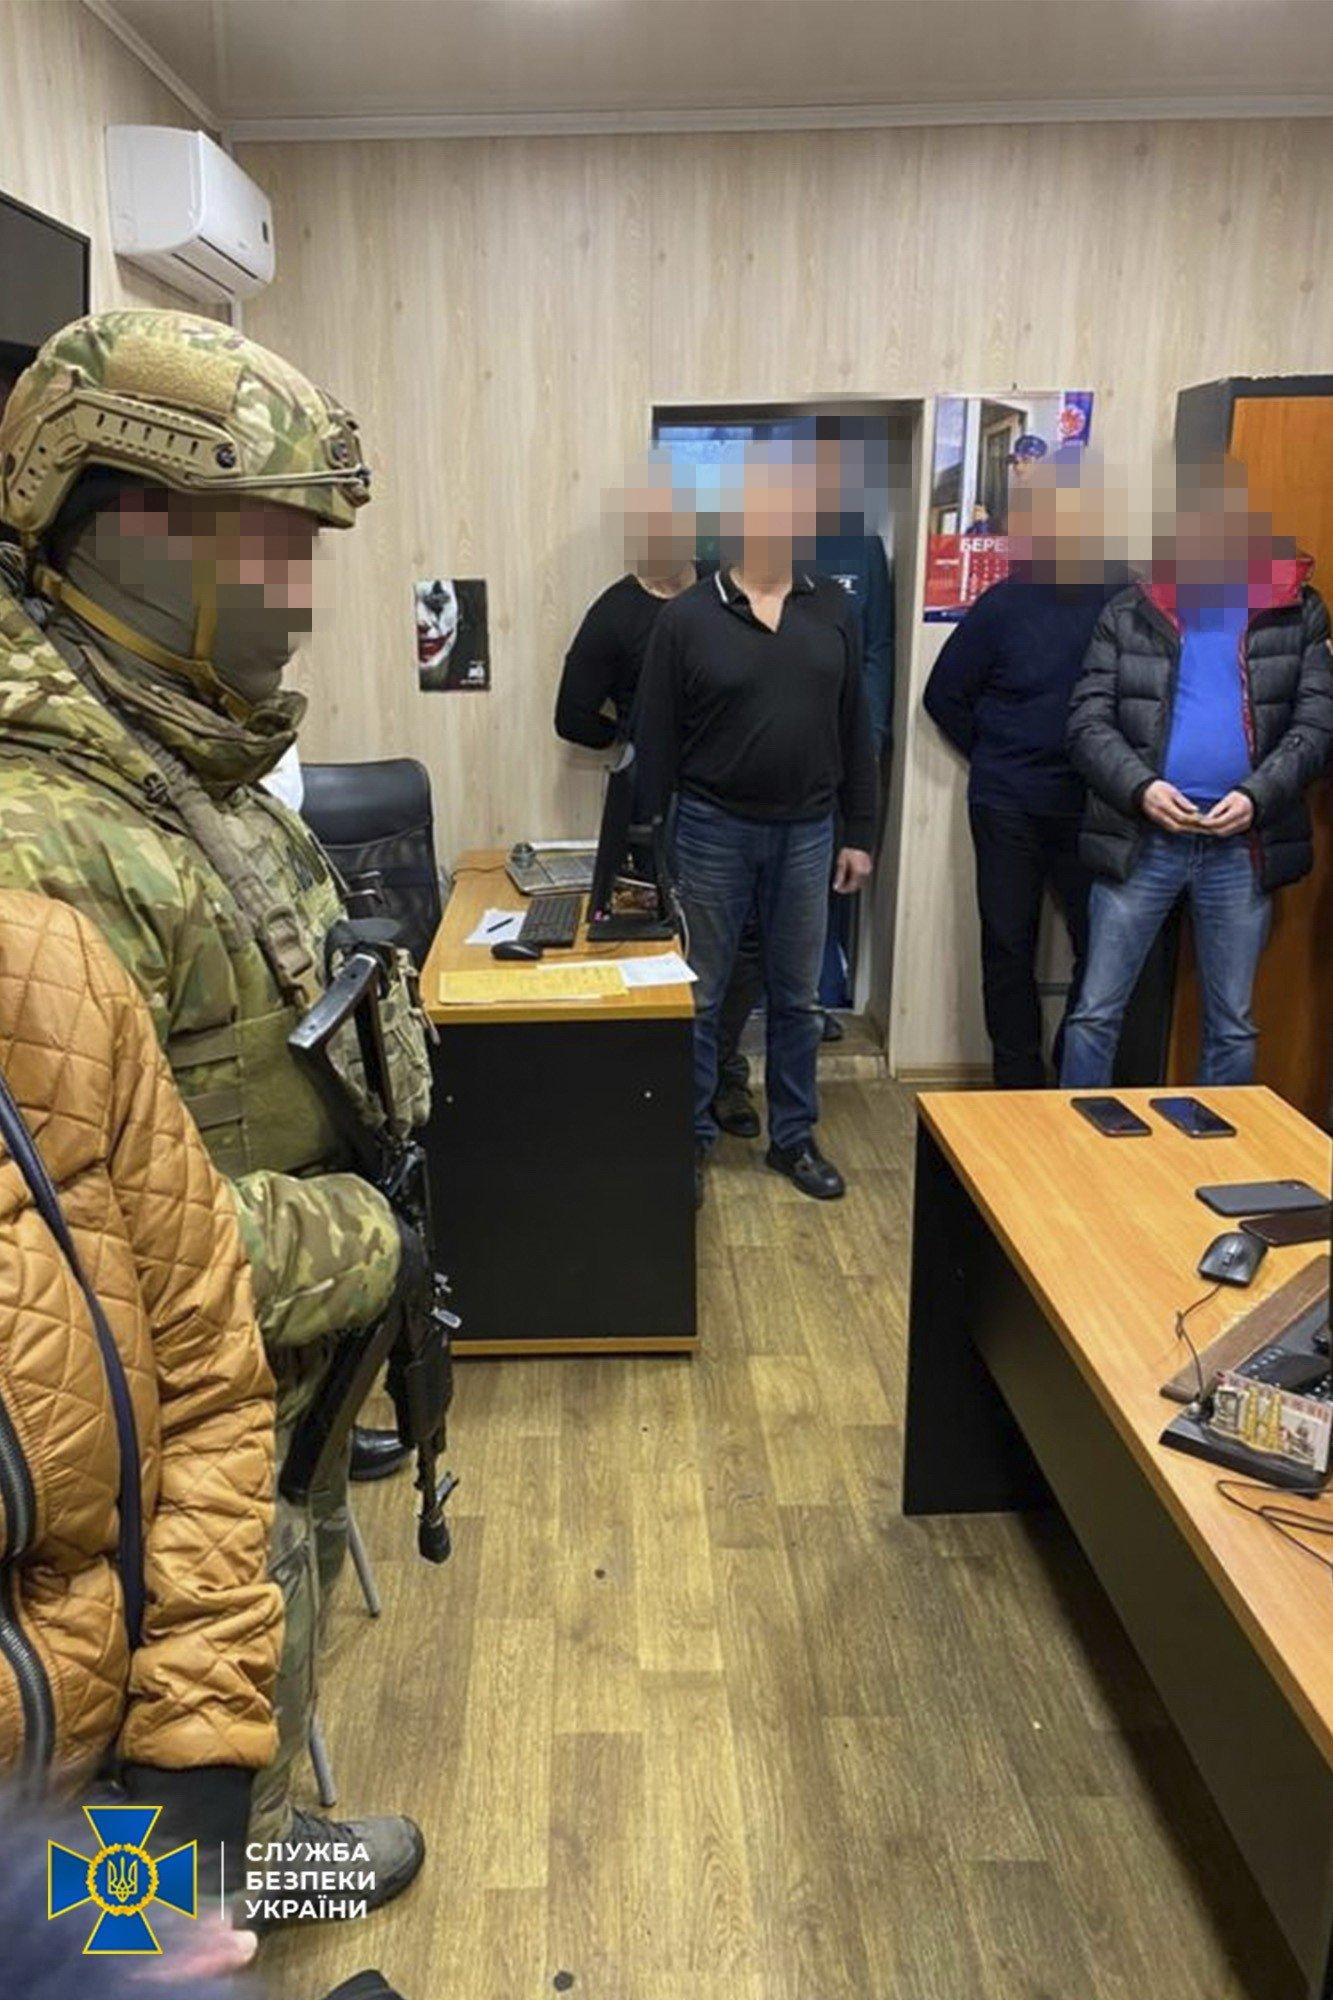 """В Днепре один из начальников таможни попался на взятке: СБУ накрыла схему на """"растаможке"""", фото-1"""